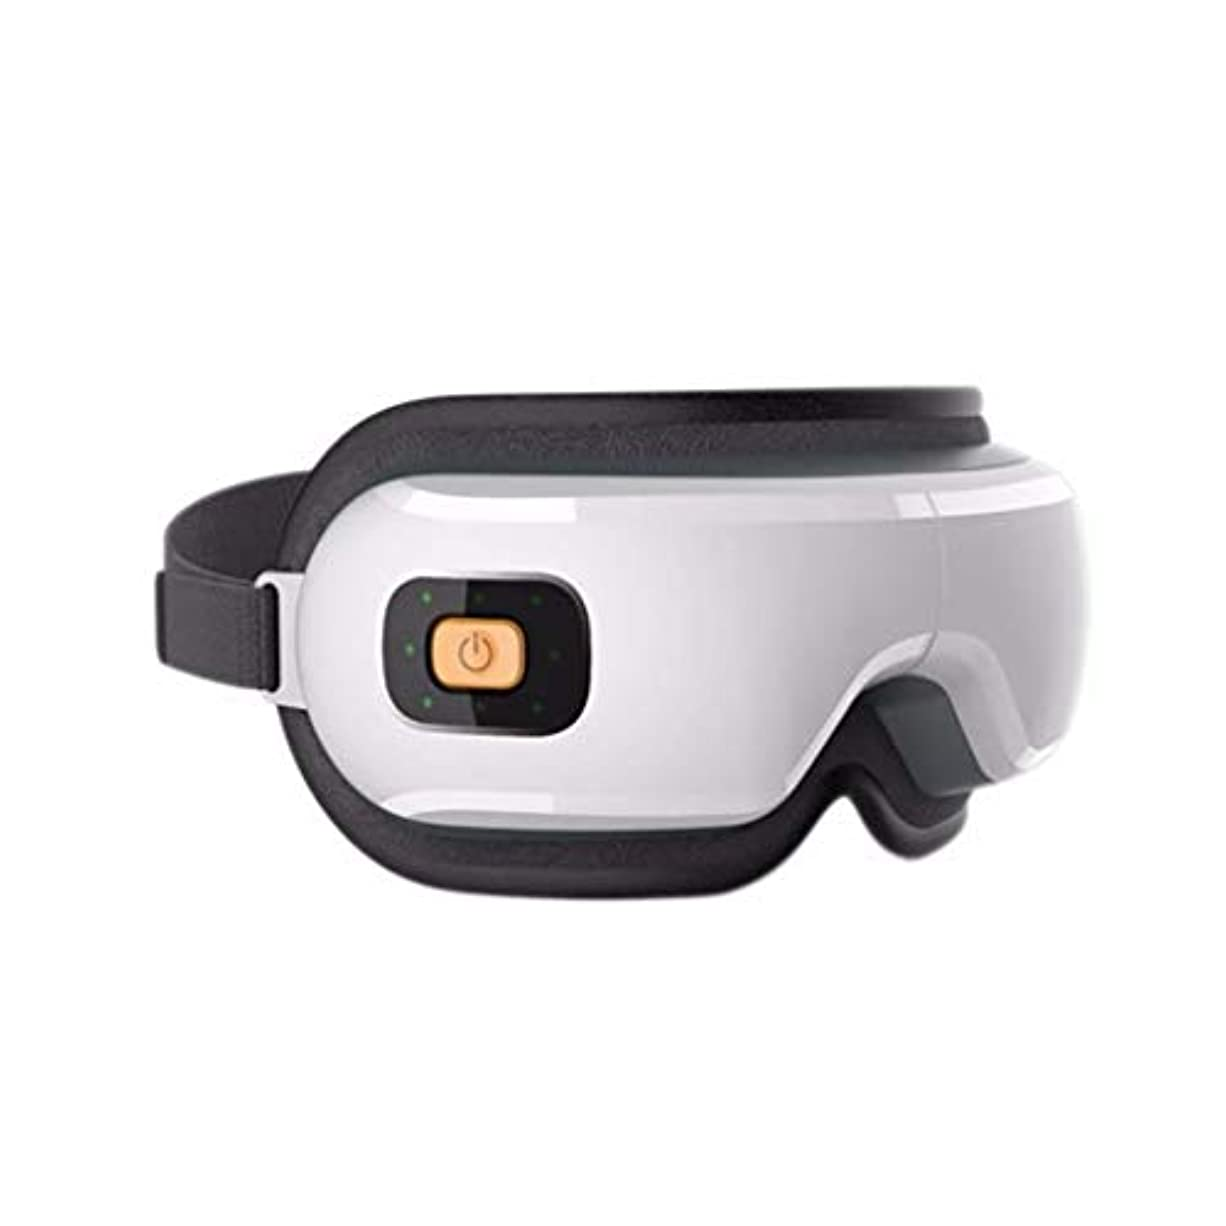 これらコロニー配管アイマッサージャー、ワイヤレススマート電動アイマスク、マッサージ/充電/ブルートゥース音声/加熱/多周波振動/空気圧縮/なだめるような音楽/アイスパ、旅行事務車用